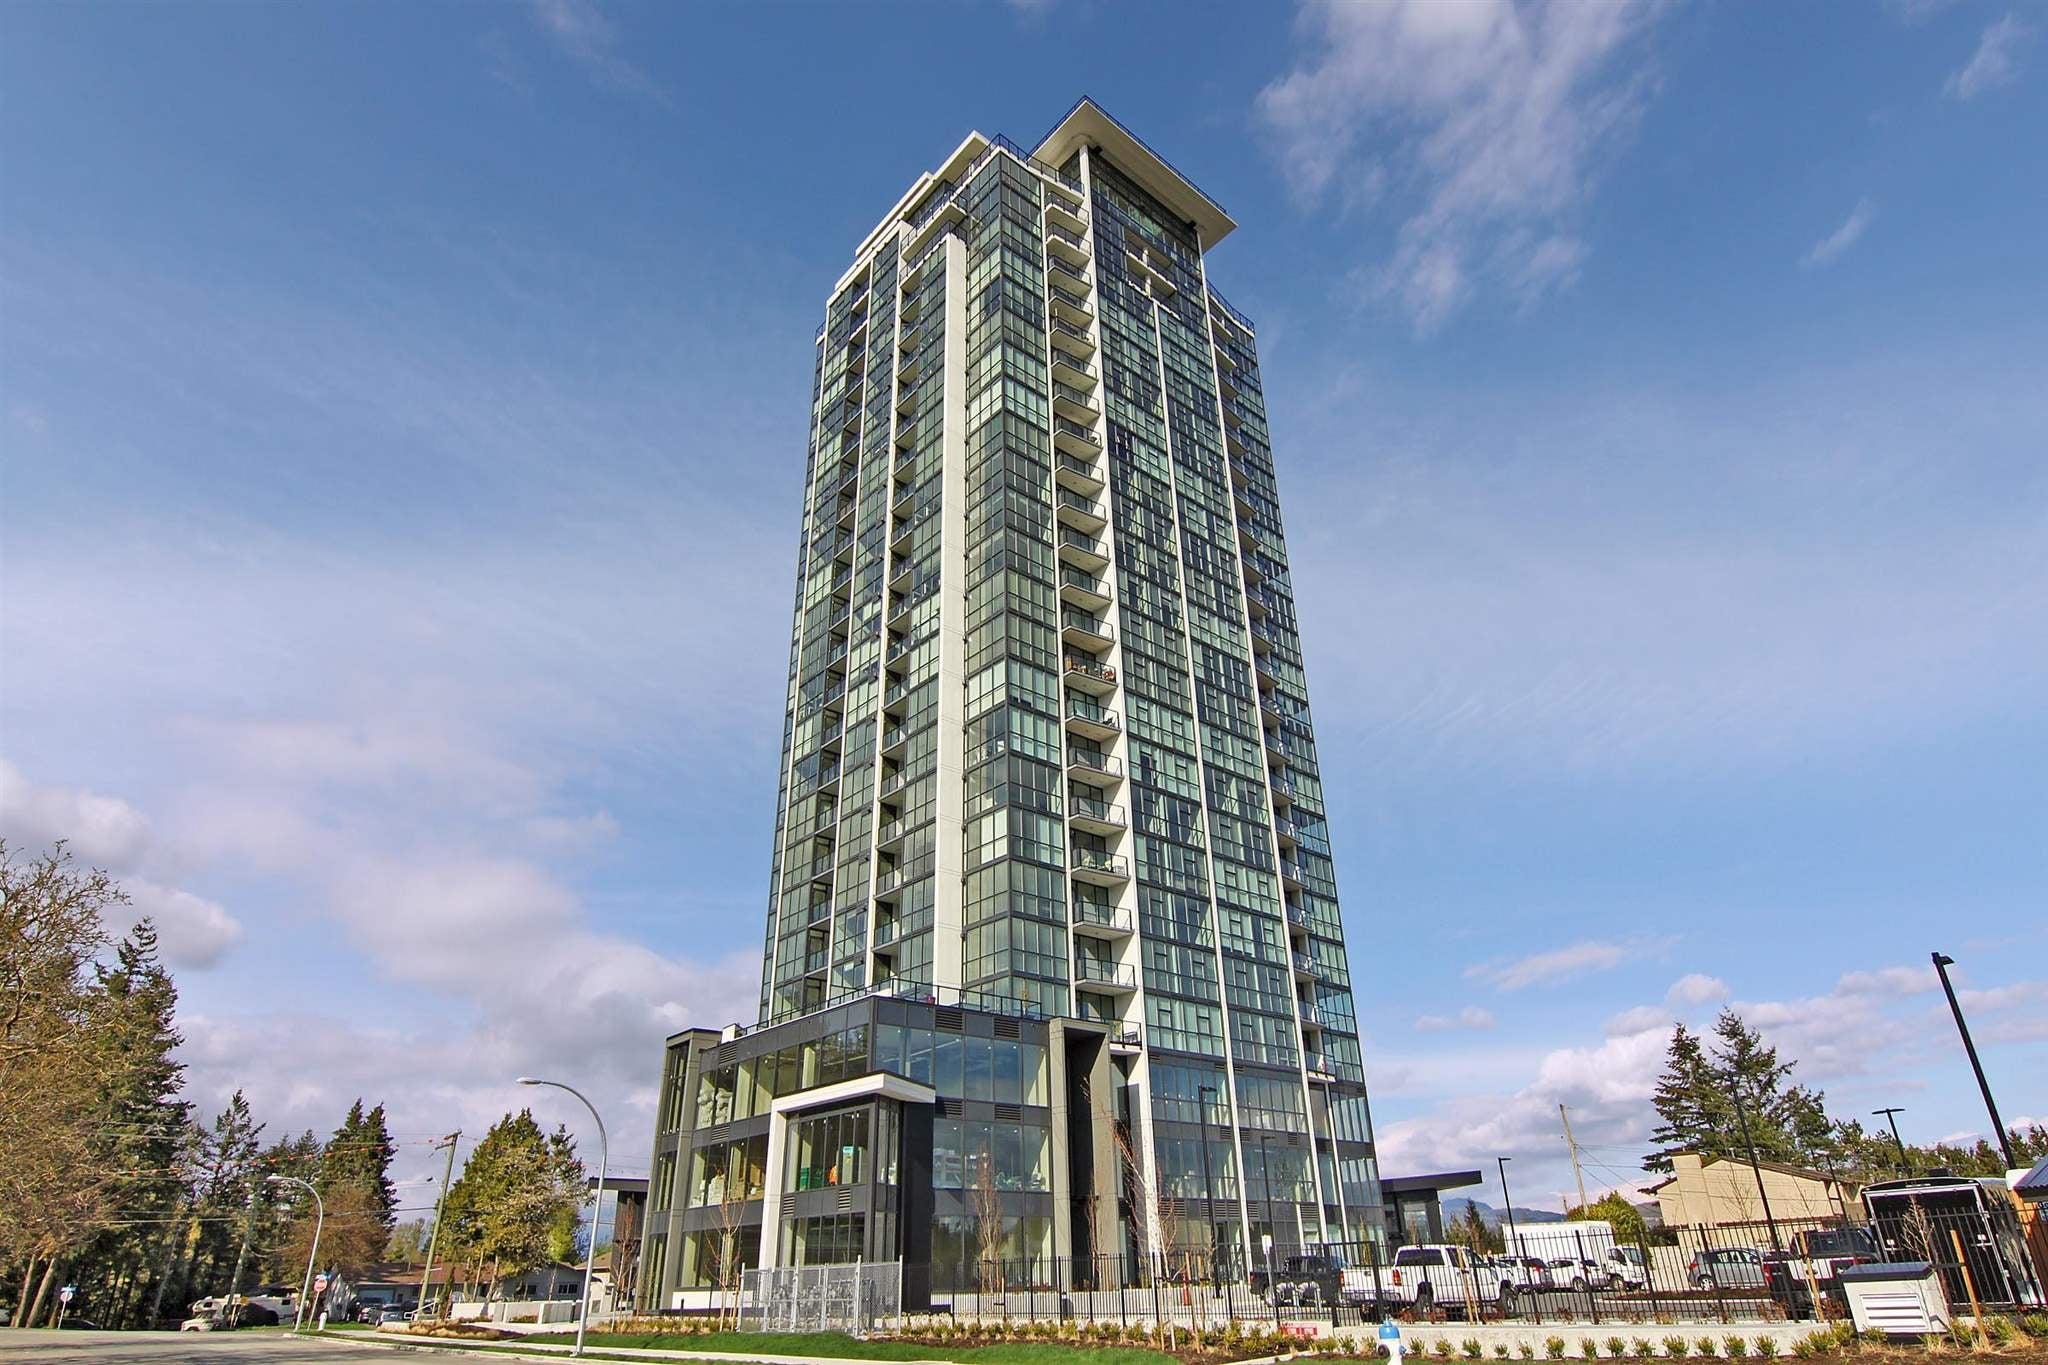 403 2180 GLADWIN ROAD - Central Abbotsford Apartment/Condo for sale, 1 Bedroom (R2600792) - #1